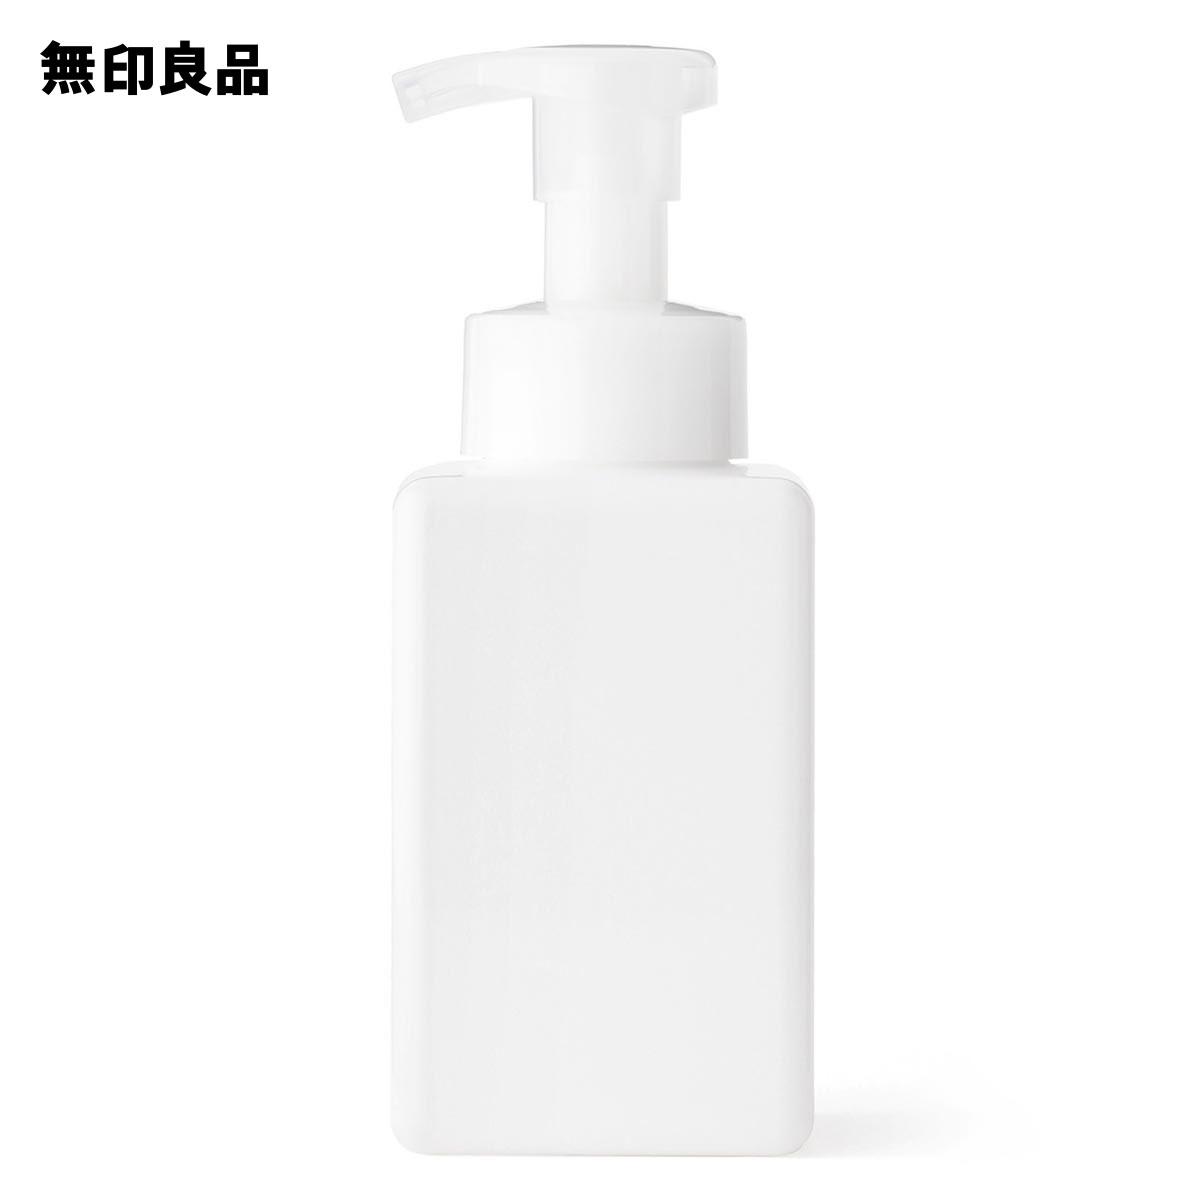 【無印良品 公式】PET詰替ボトル・泡タイプ・ホワイト・400ml用